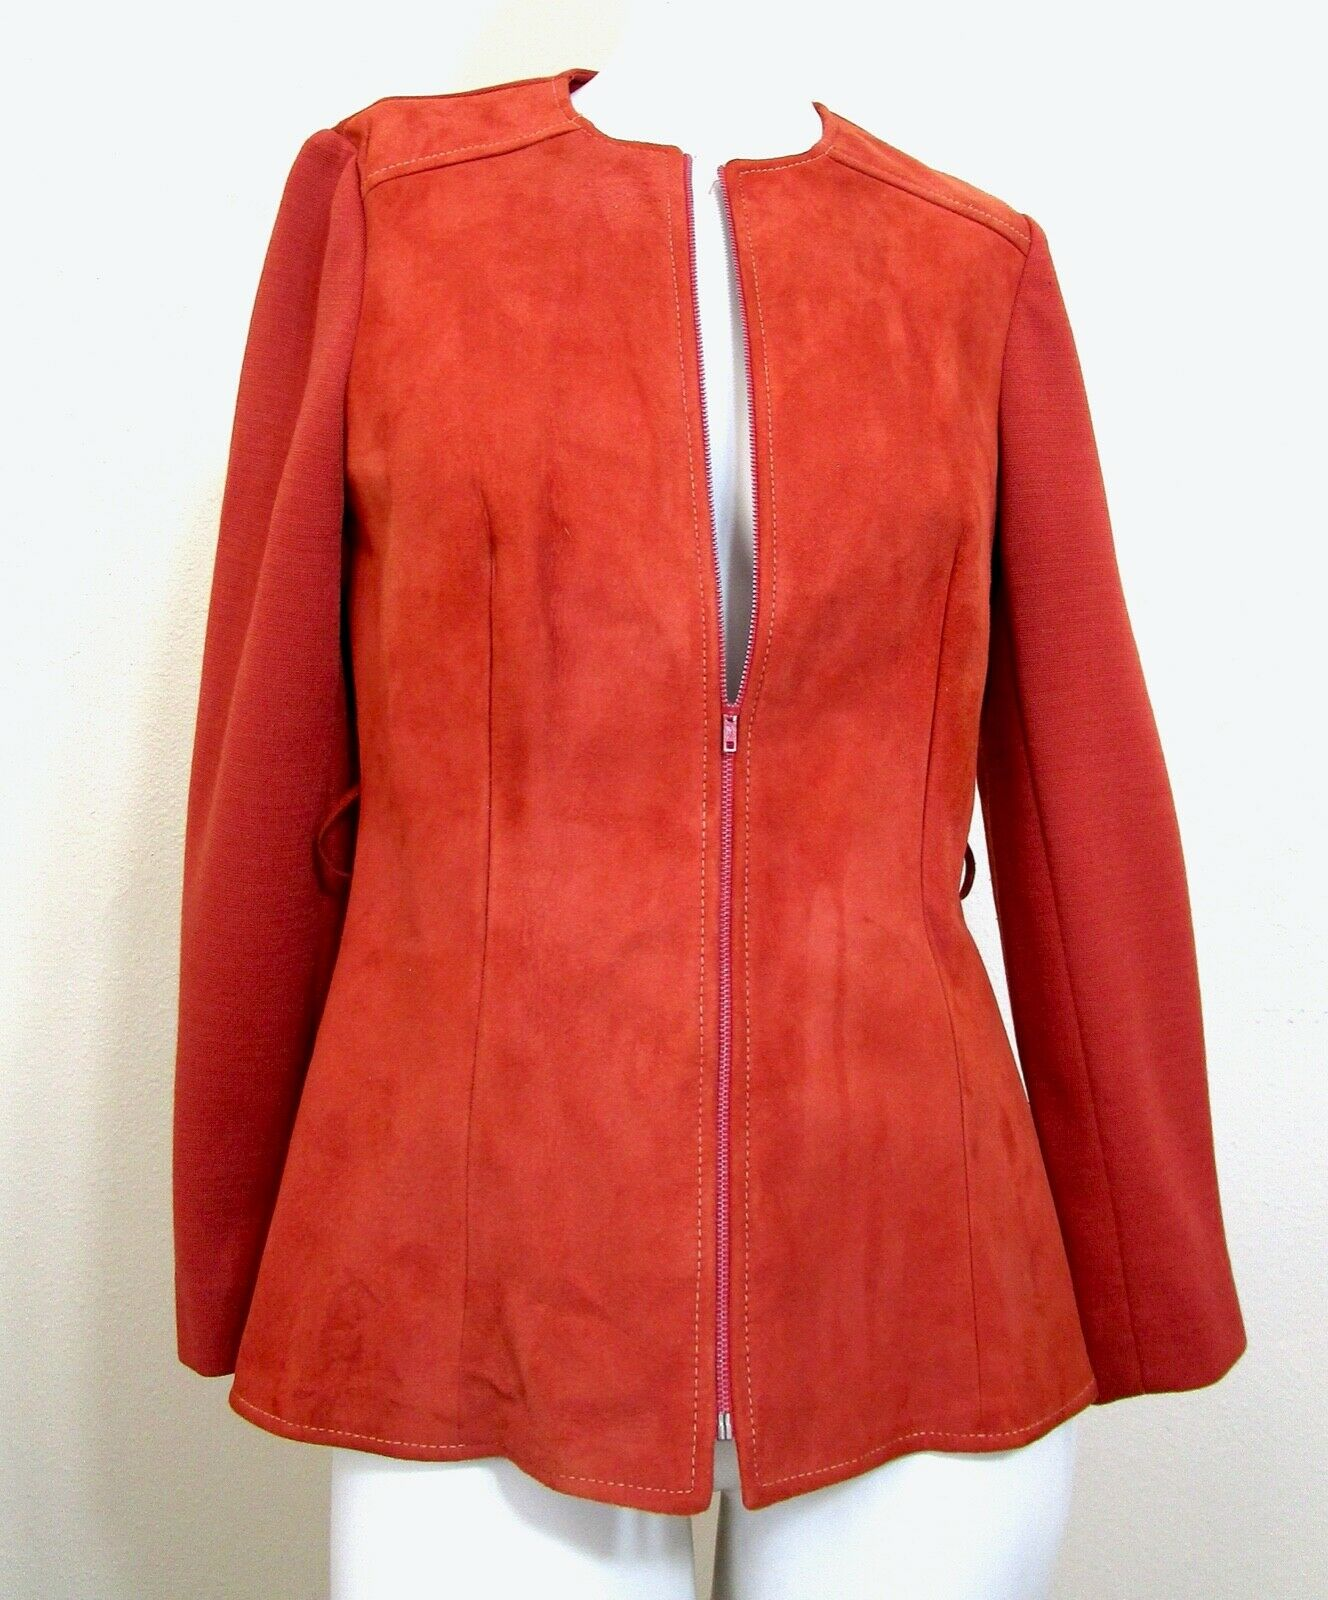 Vintage 70s Mod Orange PSI Leather Process Suede … - image 2